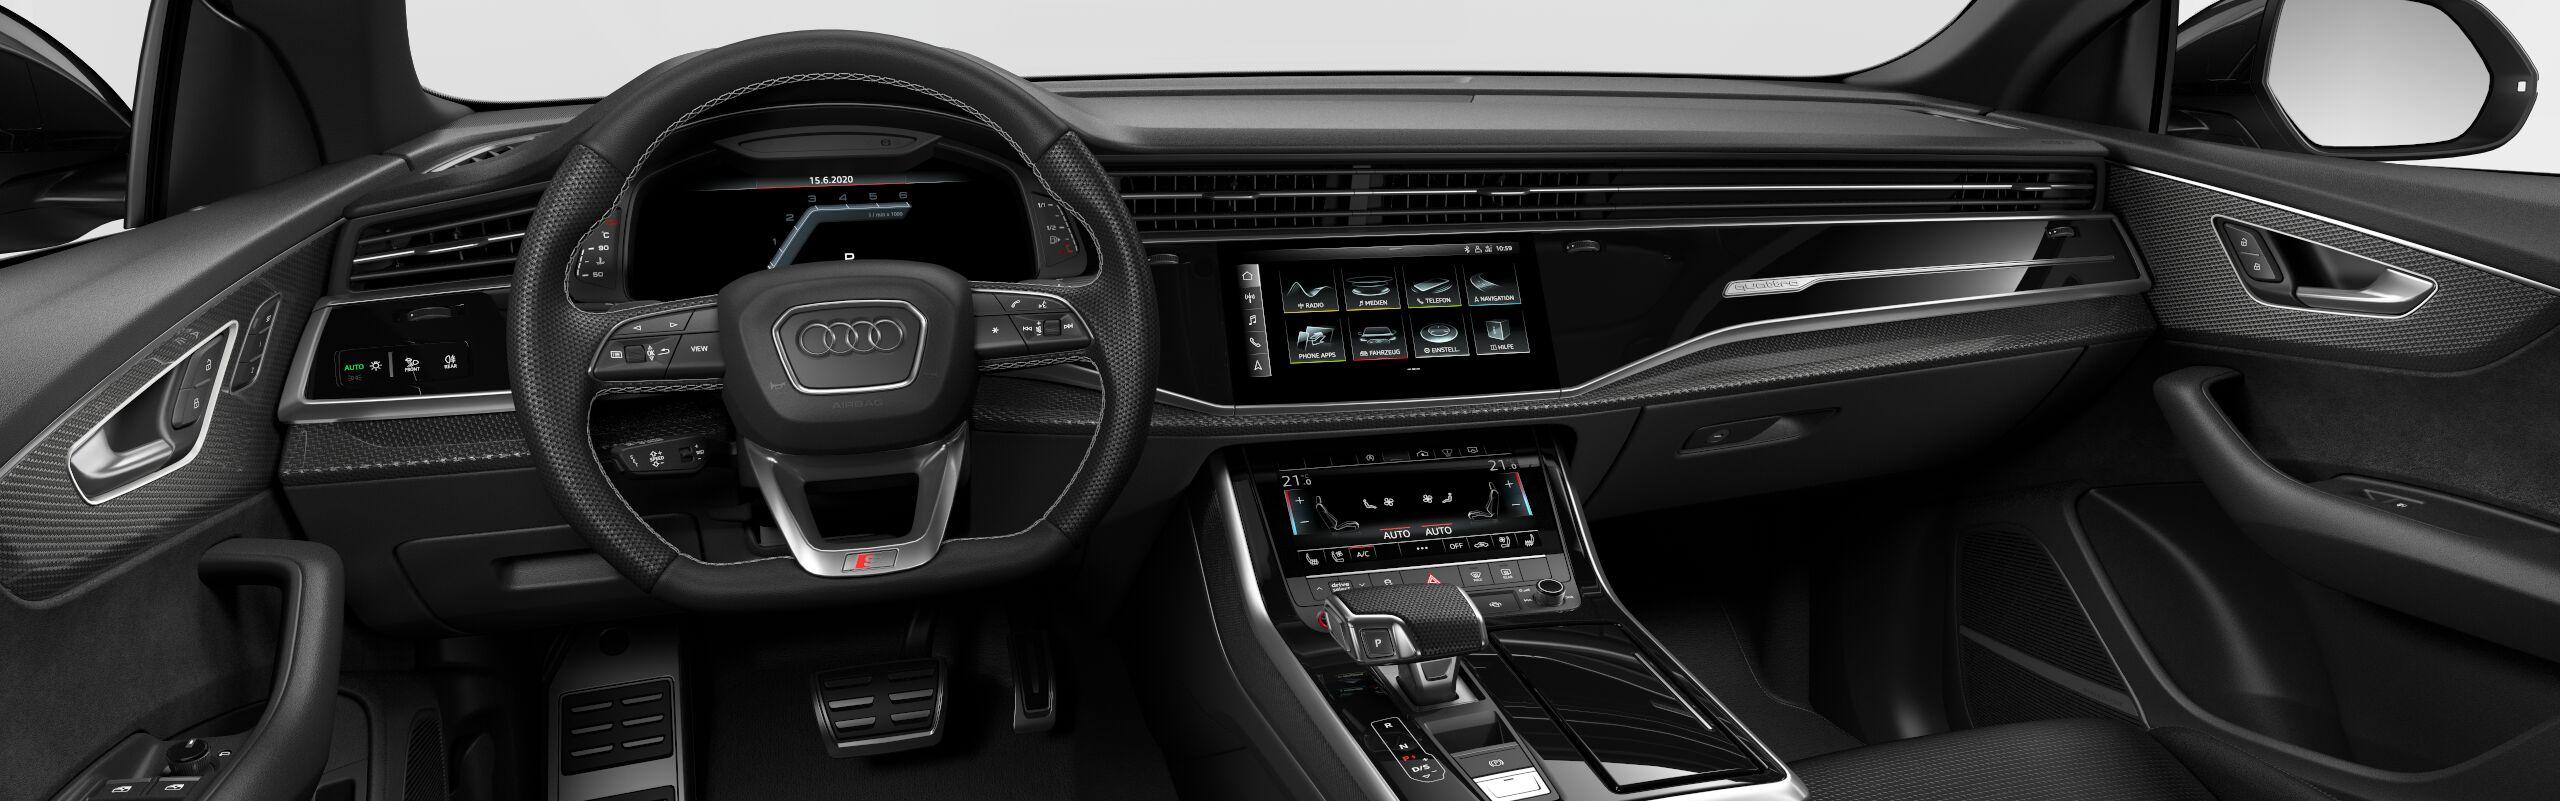 Audi SQ8 TDI | nové auto skladem | černo-černé sportovní SUV coupé | nafta V8 biturbo 435 koní | skvělá výbava | nákup online | akční cena 2.619.000,- Kč bez DPH